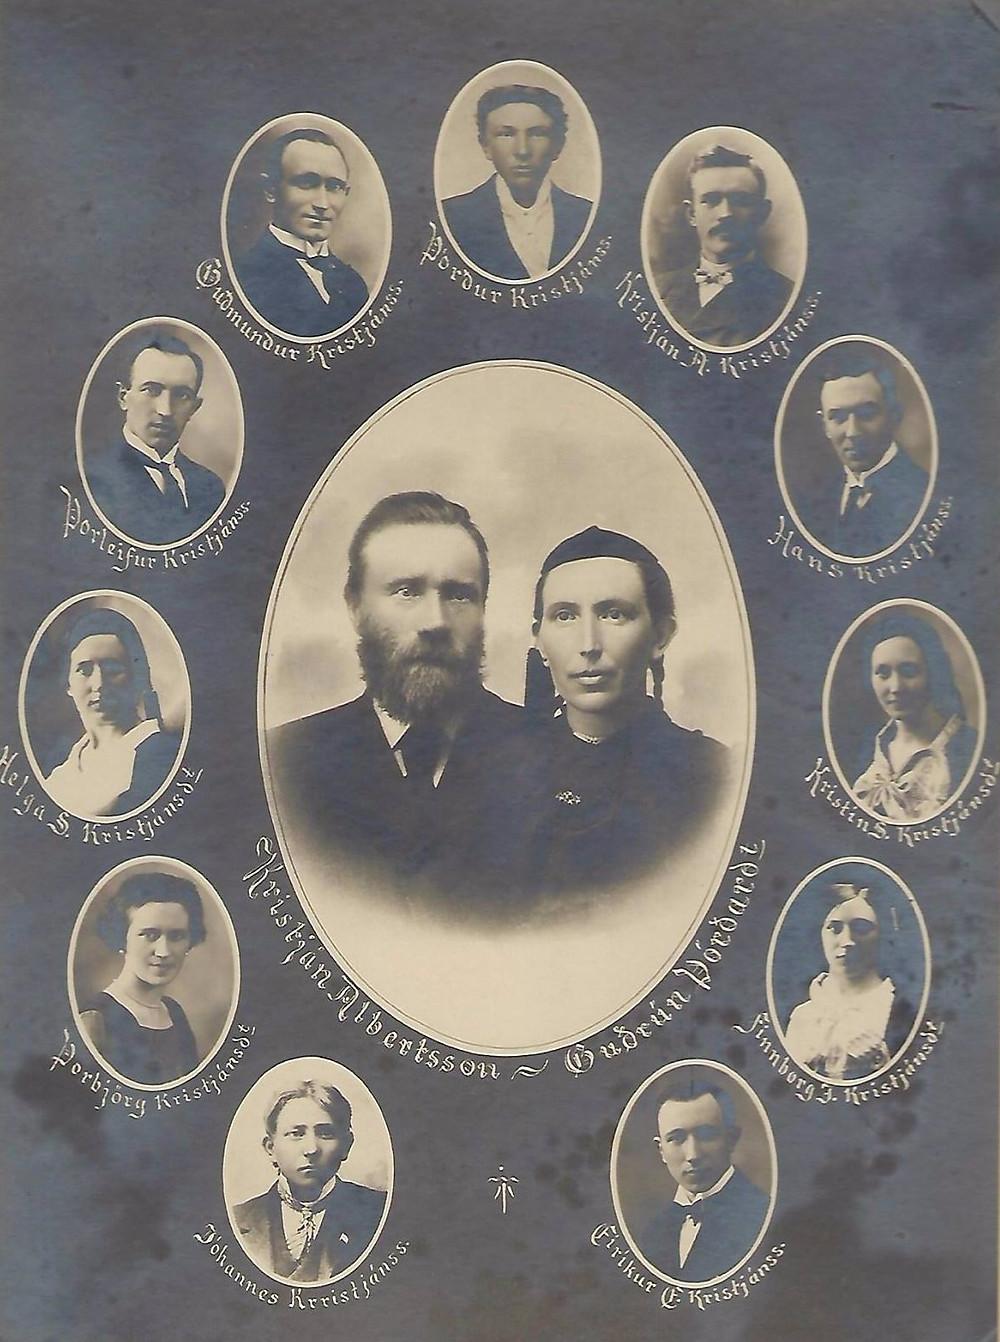 Guðrún Þórðardóttir and her husband Kristján Albertsson surrounded by 11 of their children.